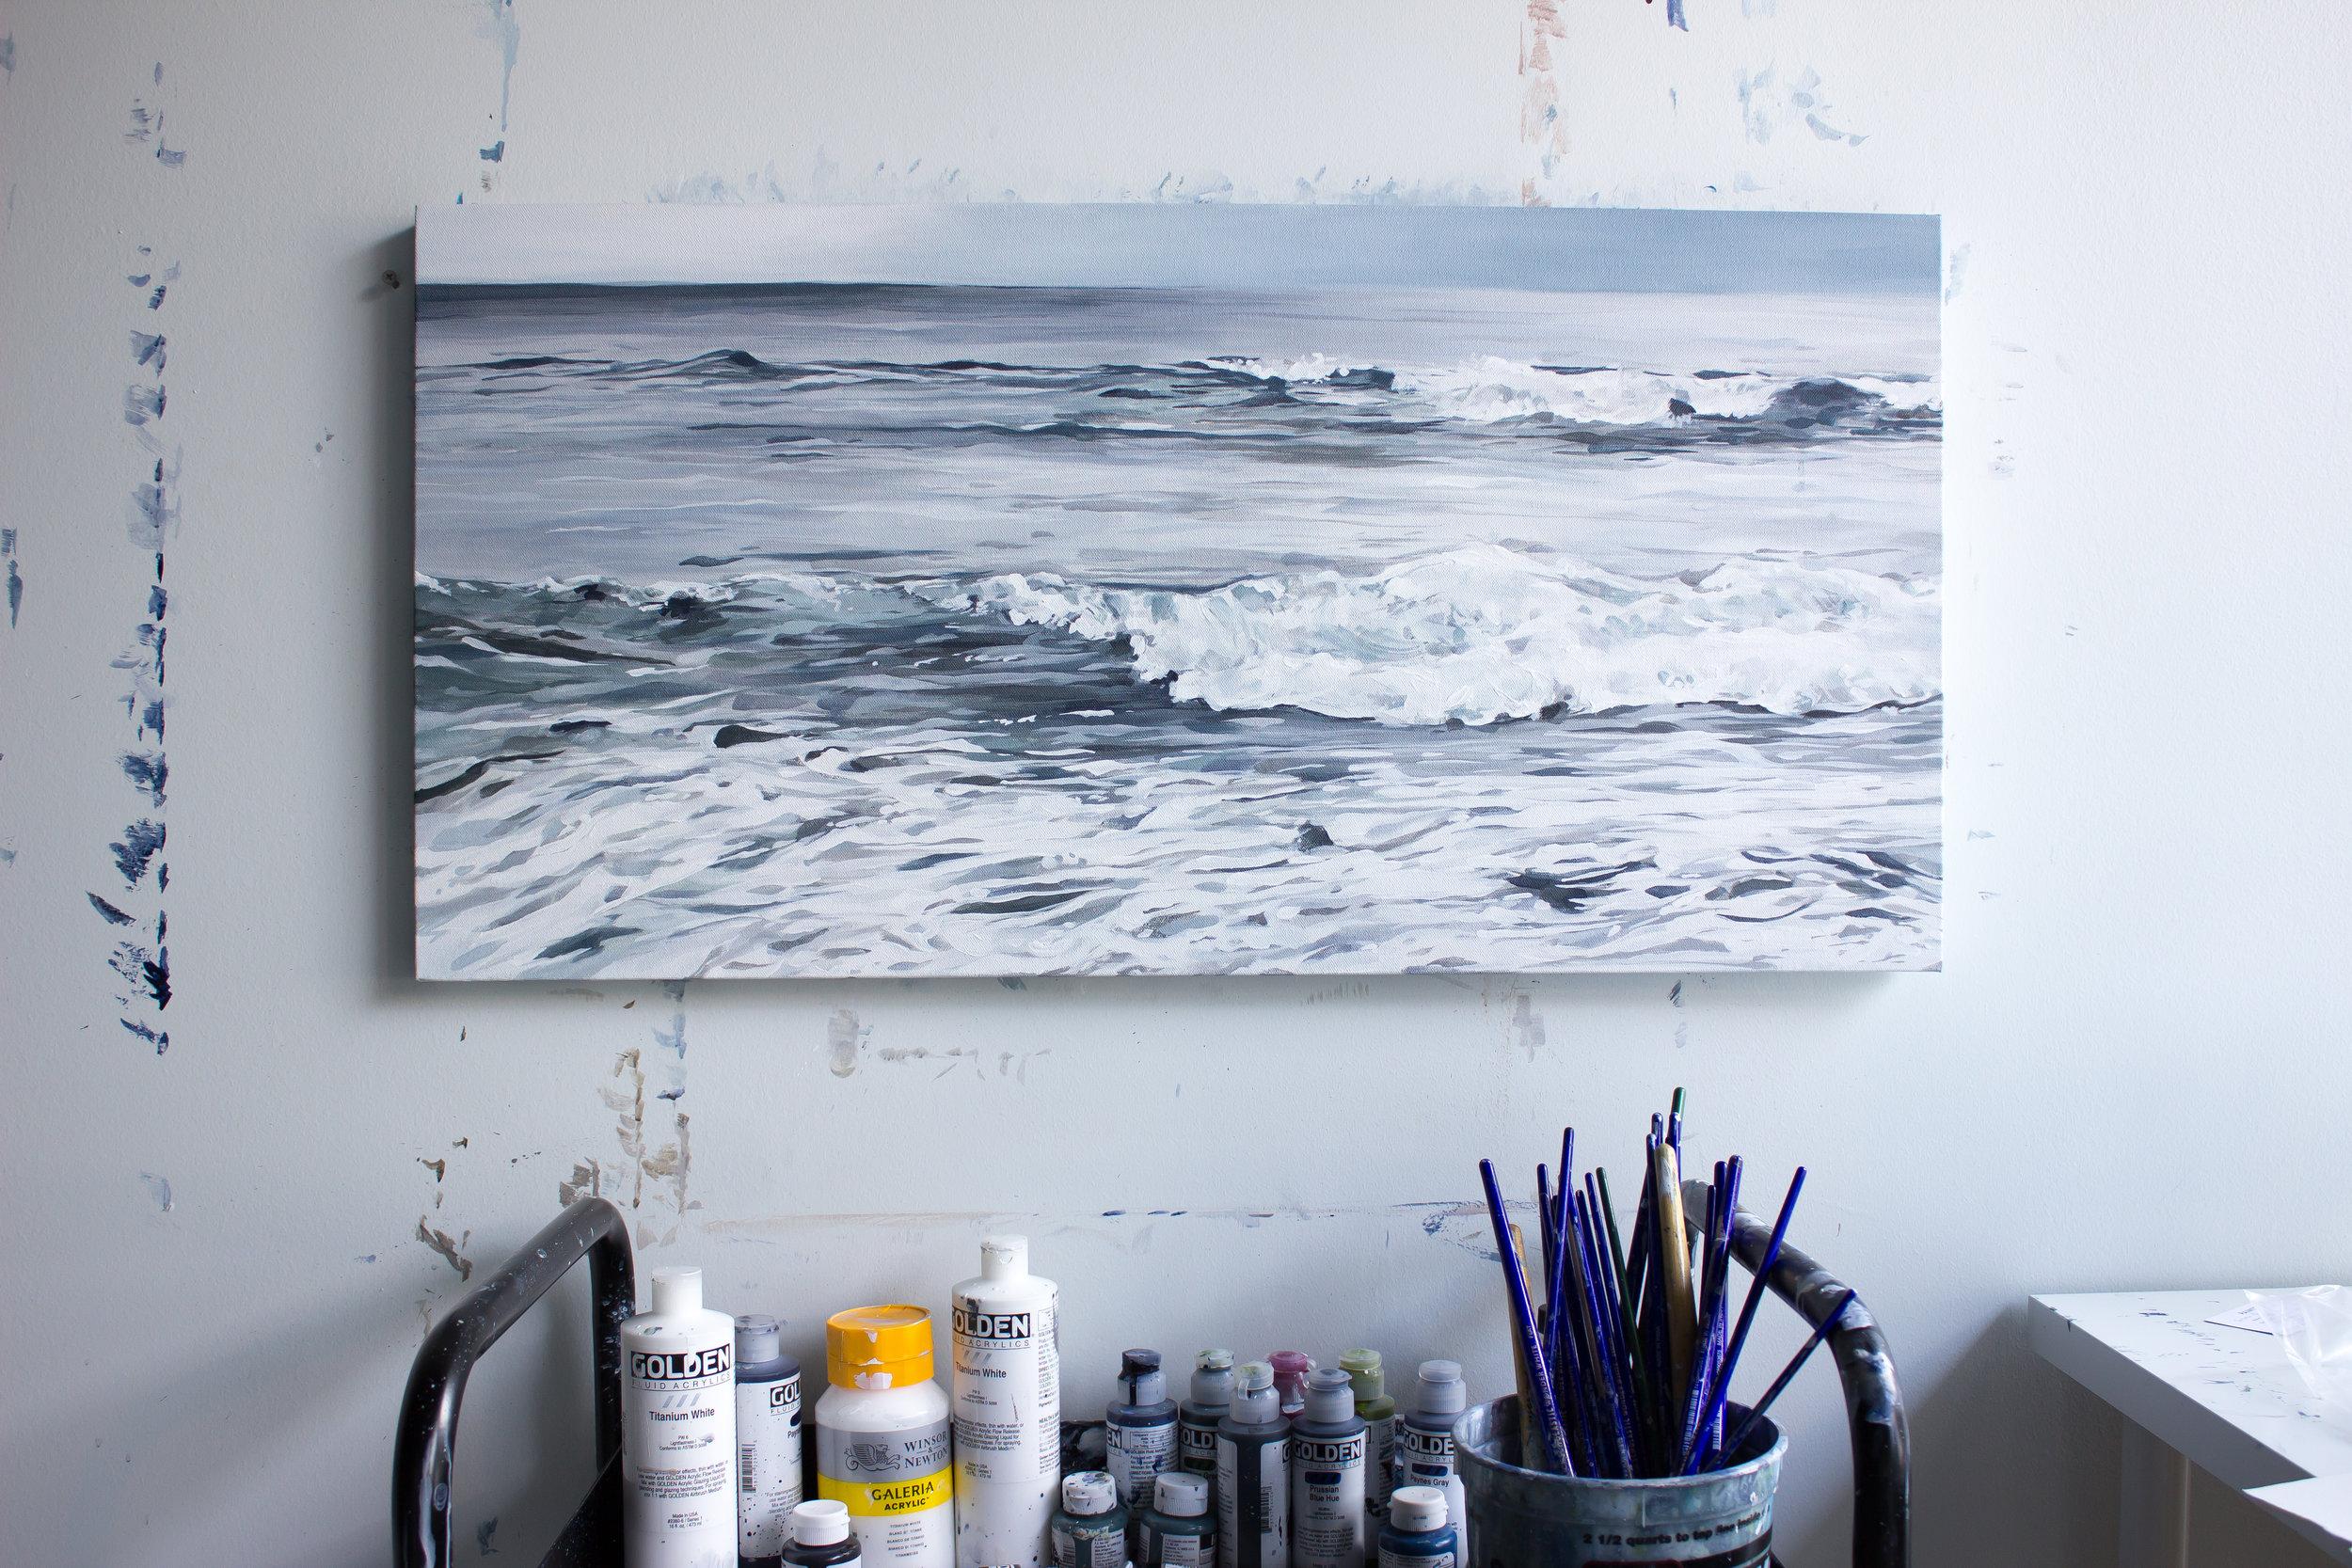 realistic ocean painting, beautiful ocean painting, brynn casey ocean painting